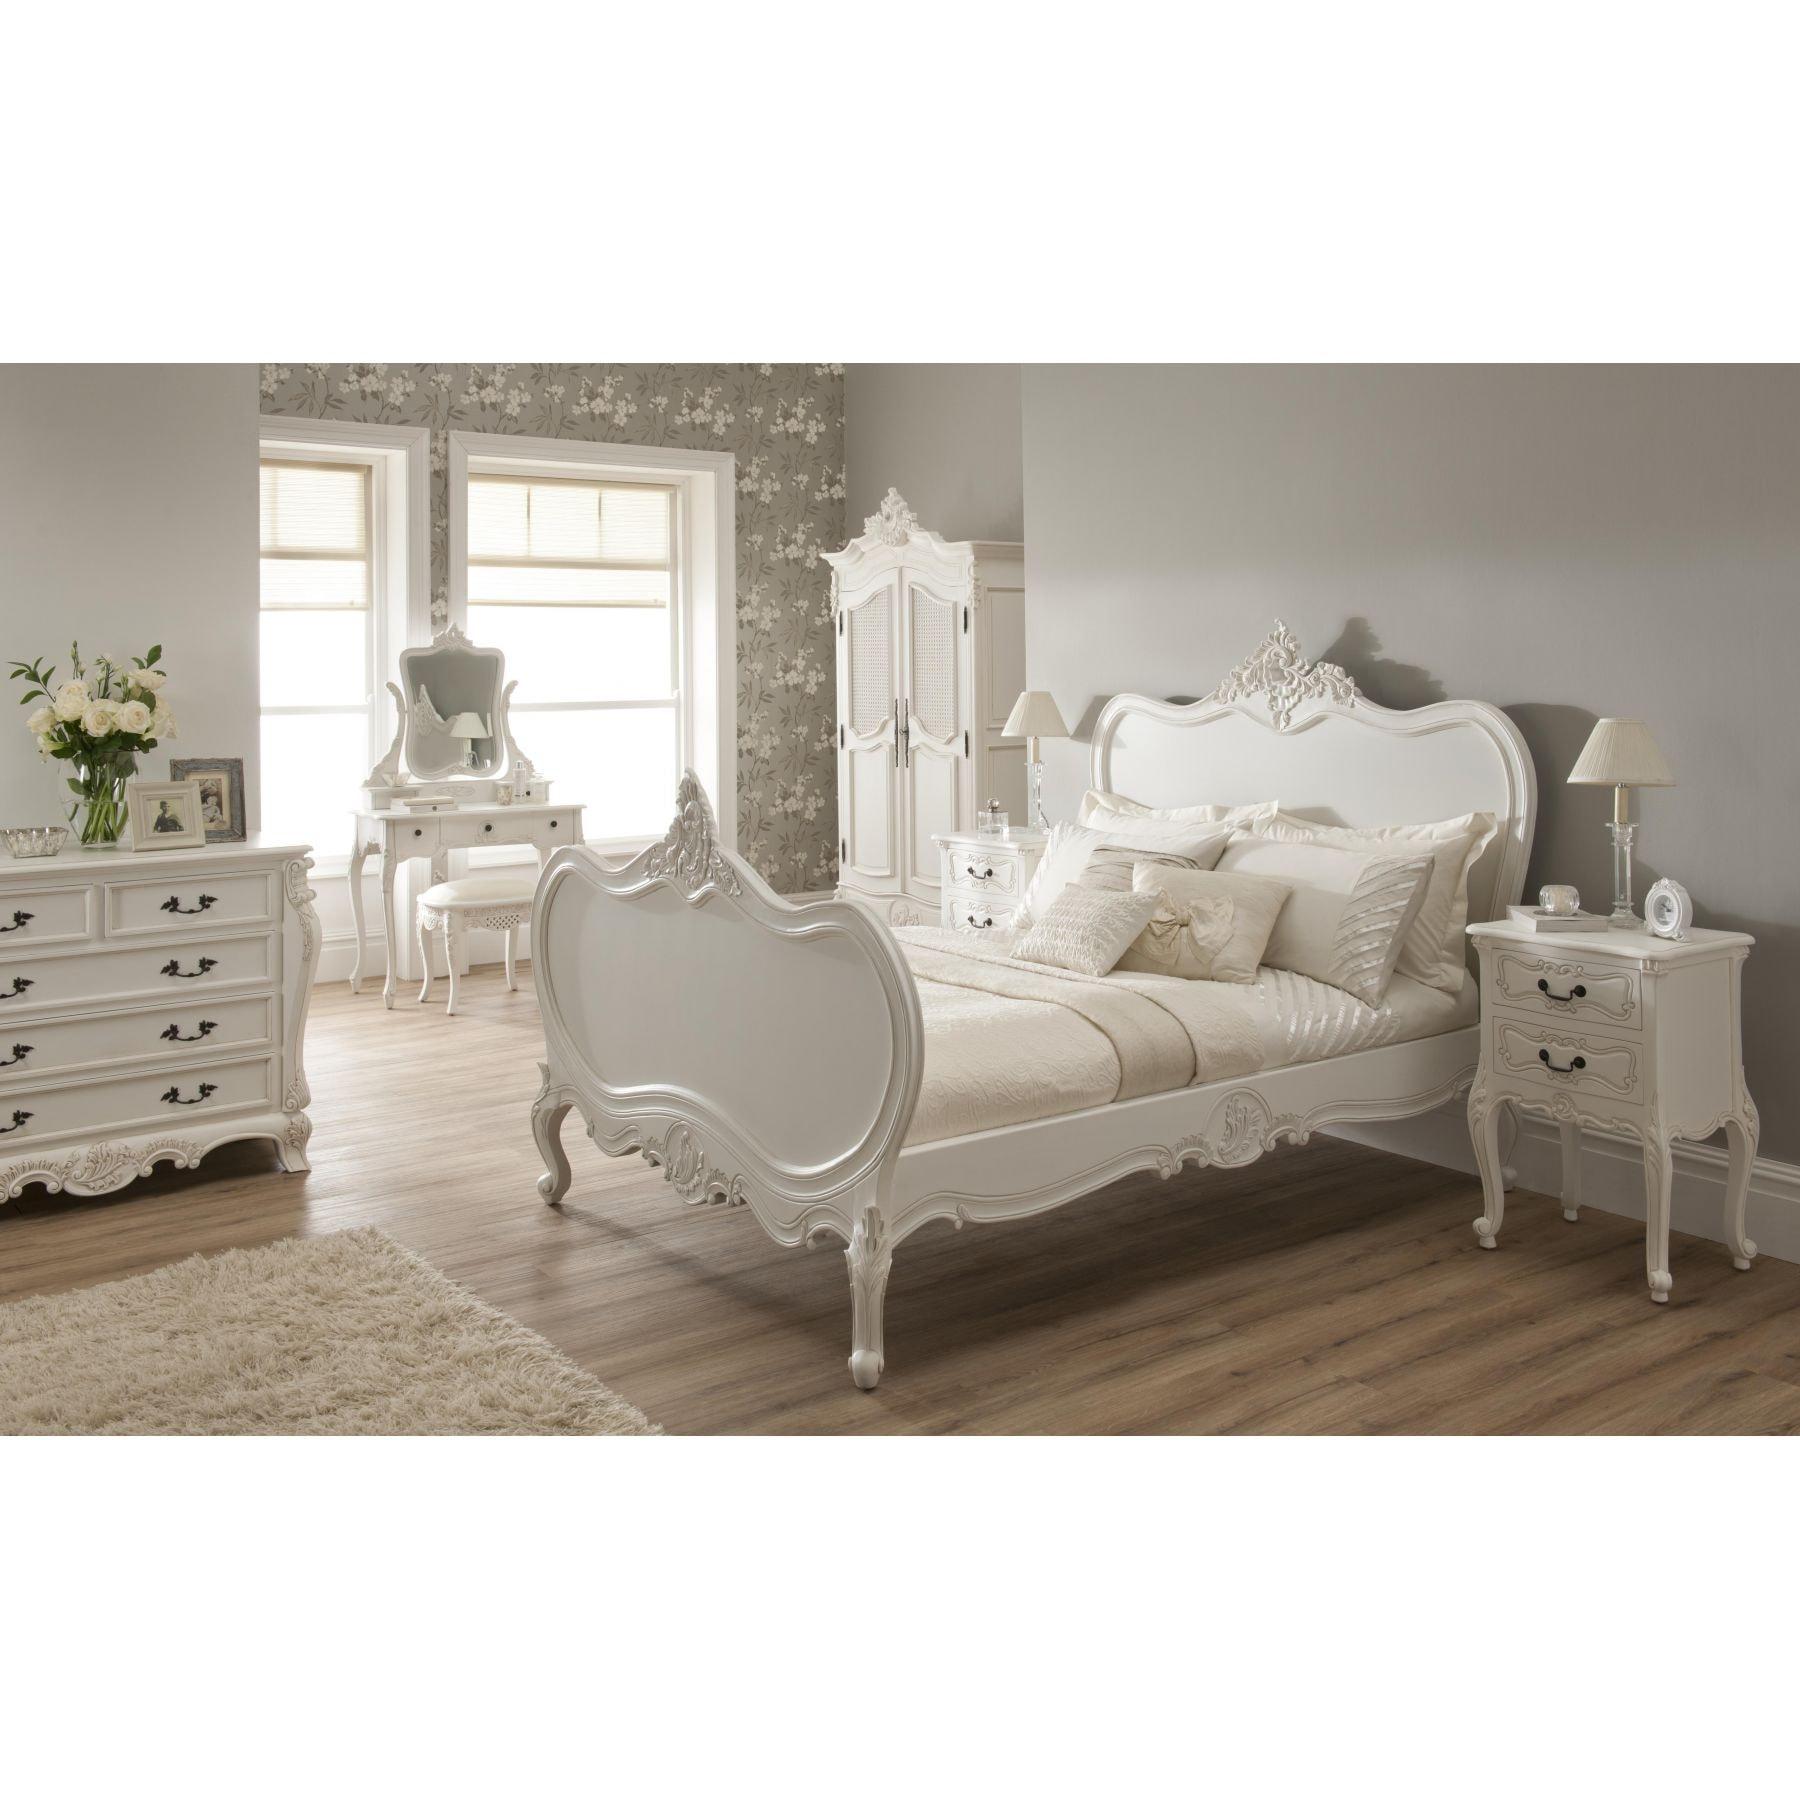 Boudoir Bedroom Furniture Uk Psoriasisguru Com